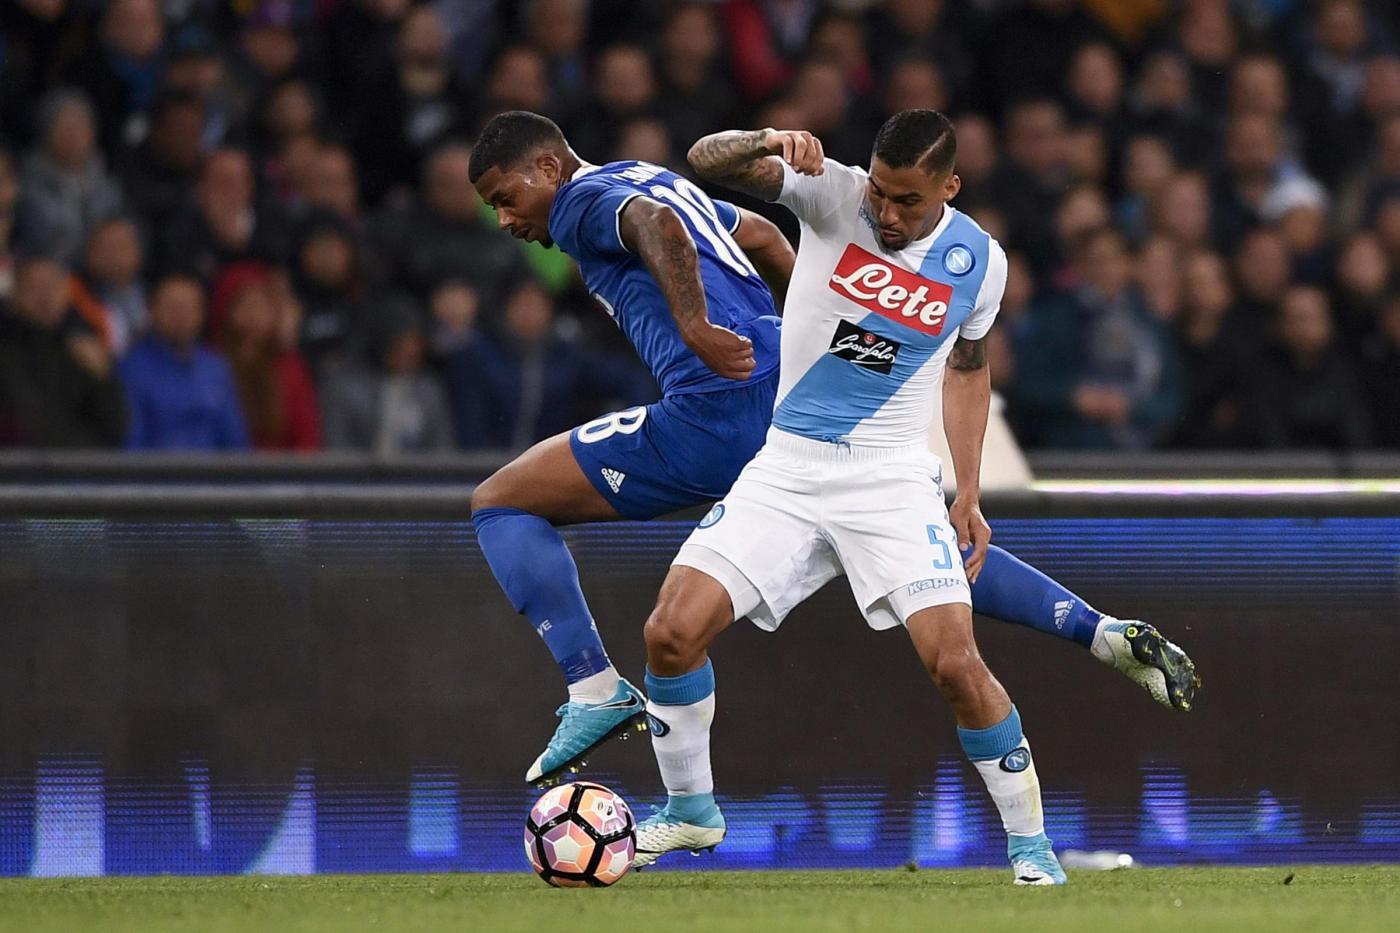 Affaticamento muscolare per Allan, a fortissimo rischio la sua presenza per Napoli-Fiorentina